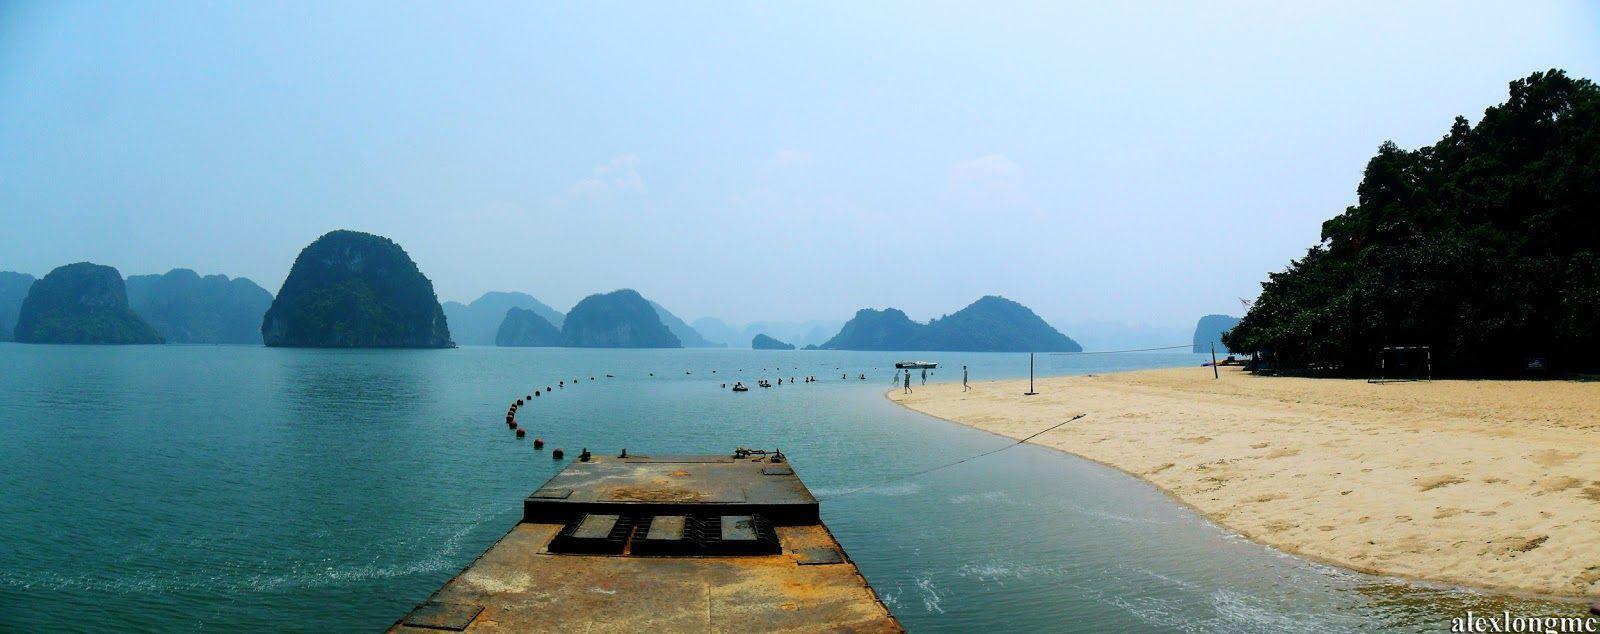 Bãi biển trên đảo ti tốp